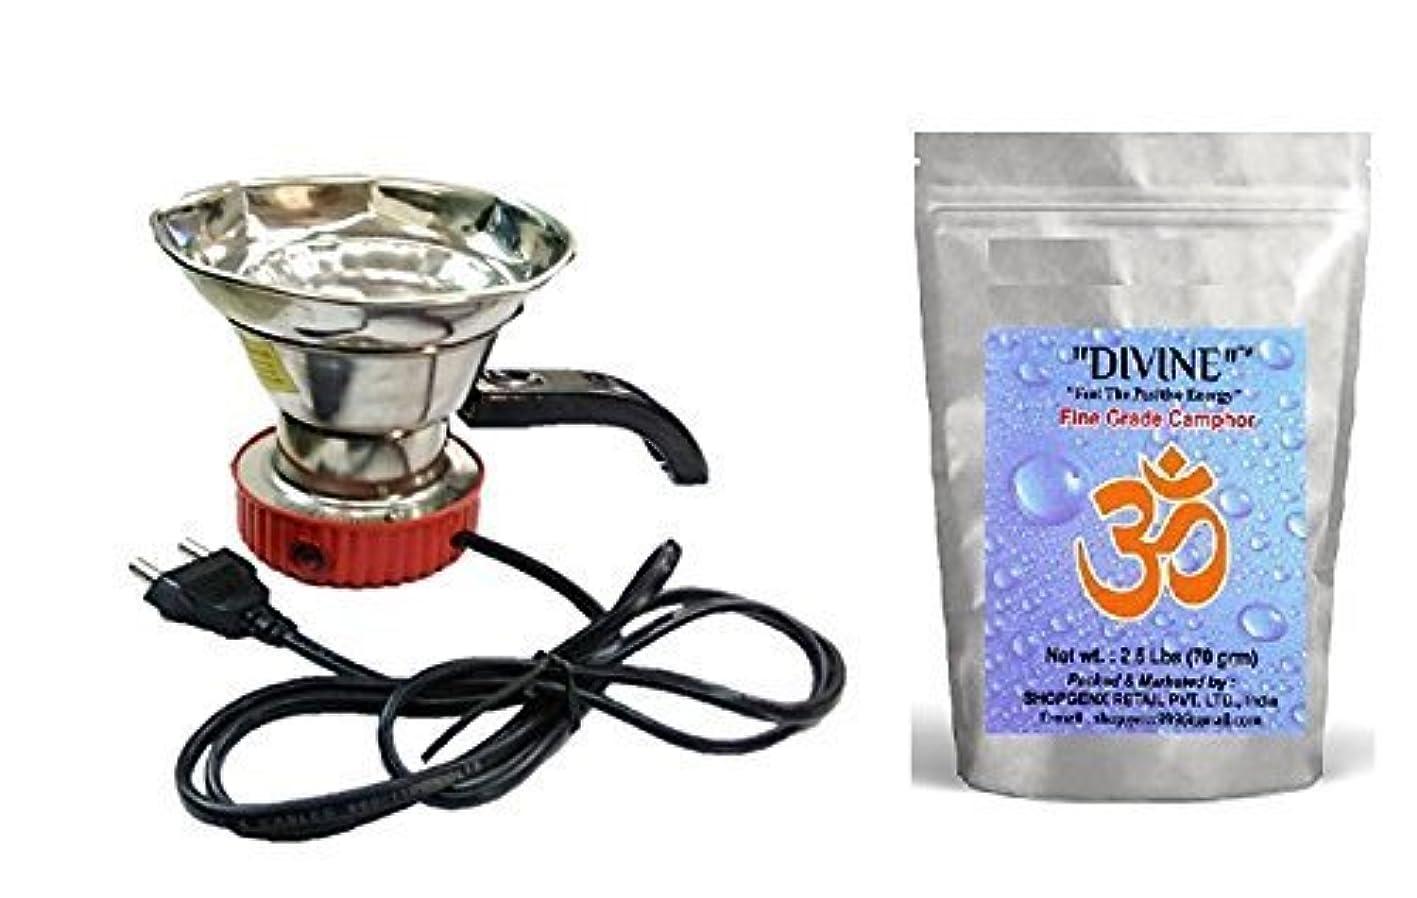 告発キリスト教一致Electric Dhoop Dani Incense Burner 12 cm Free 70 GM Camphor For Positive Energy